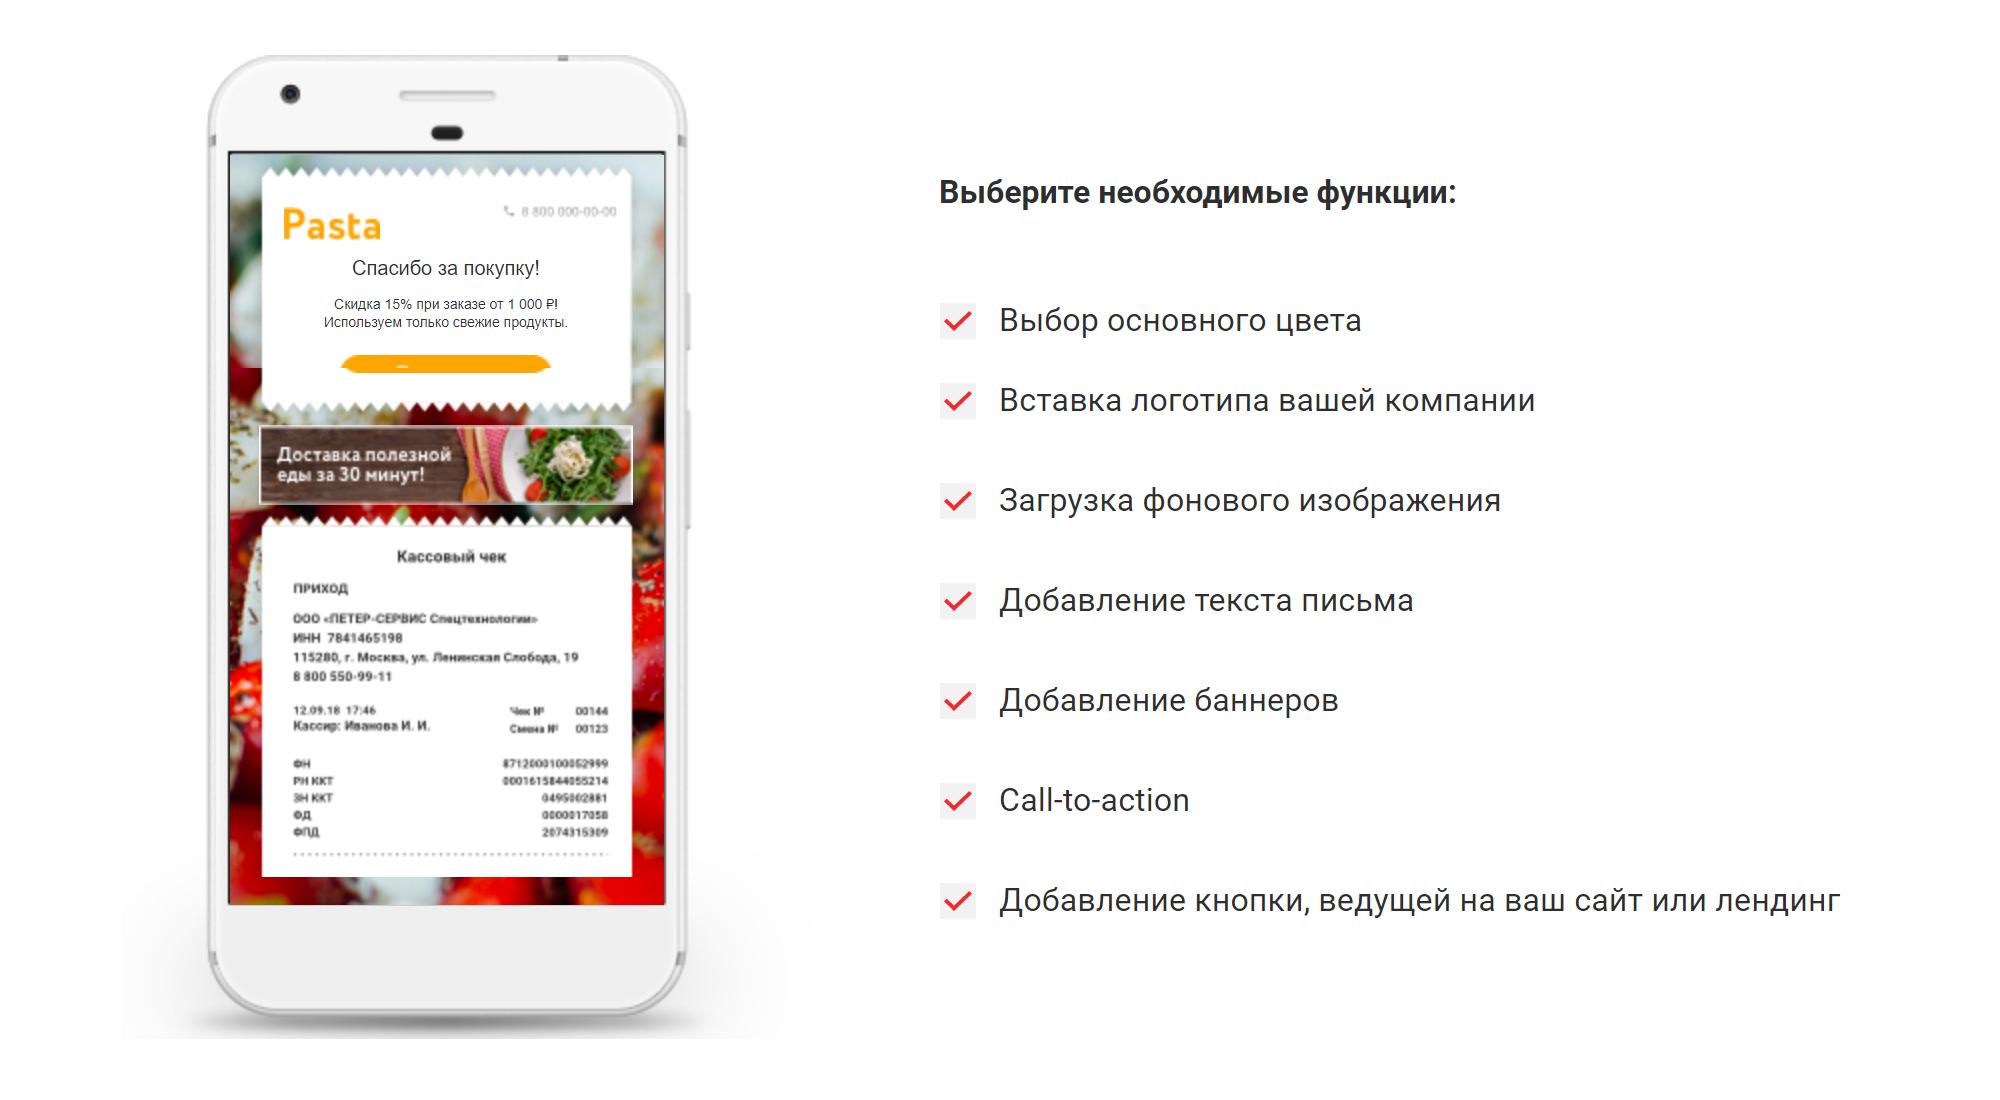 Пример услуги брендирования электронного чека на сайте ofd.ru: можно добавить логотип, фон, рекламу и кнопку